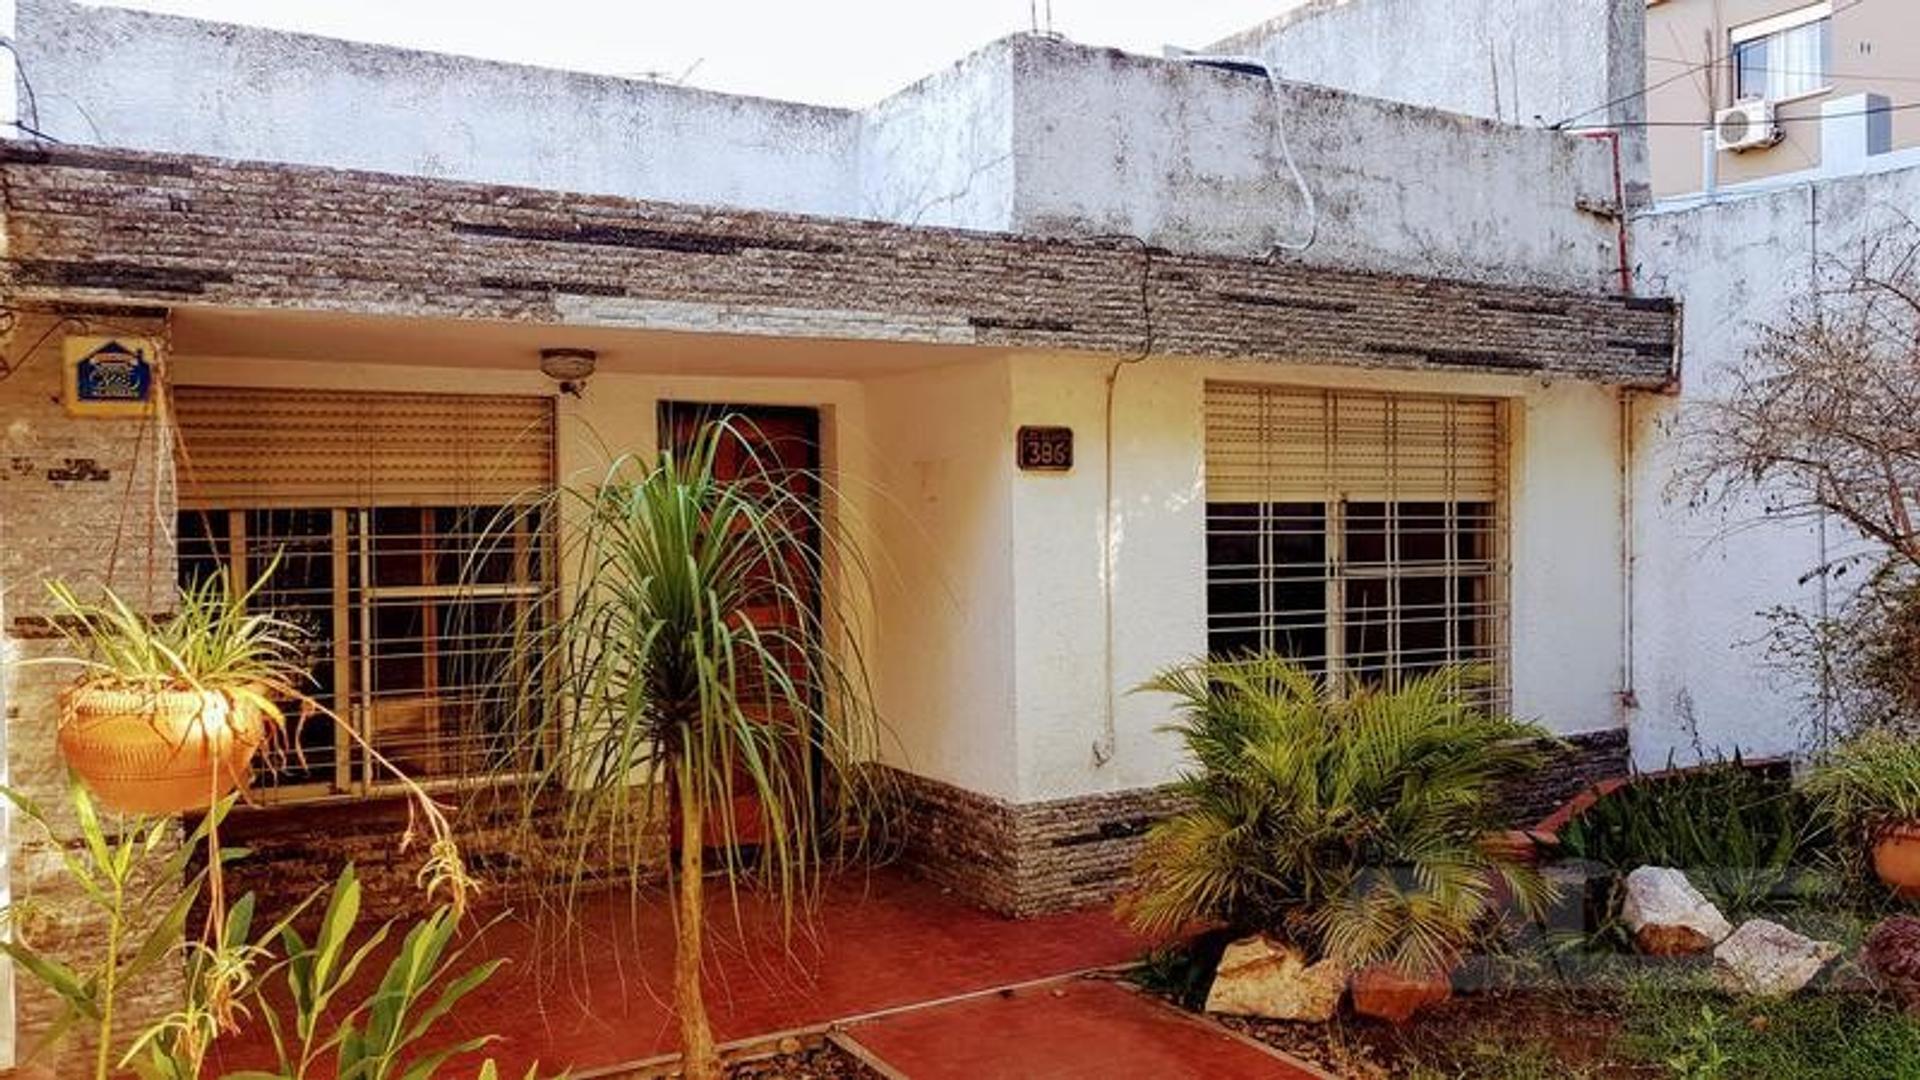 Casa 2 dormitorios - San Antonio De Padua